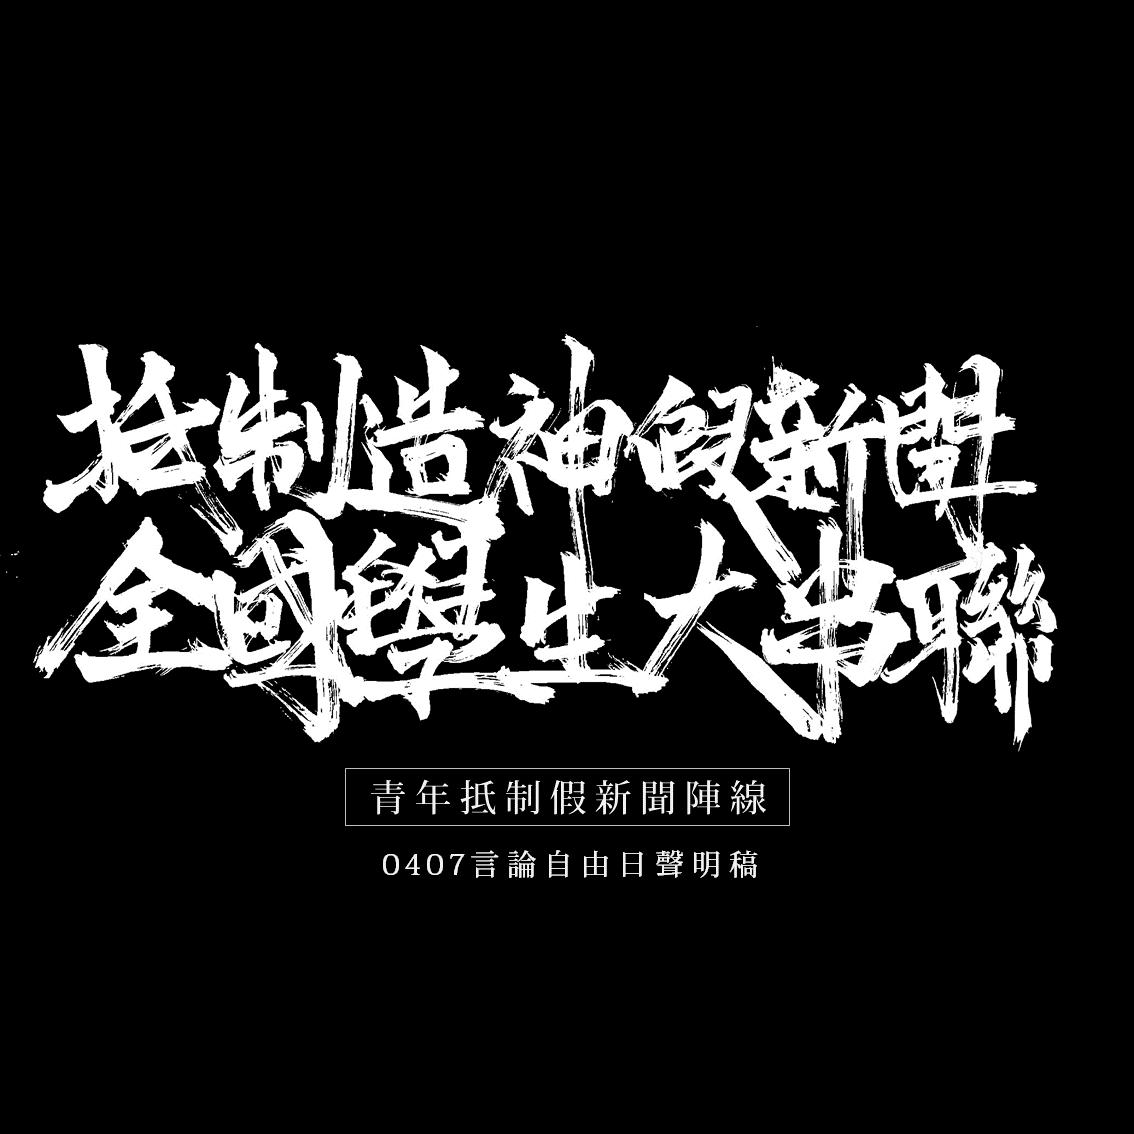 言論自由日 50個學生團體籲:警覺新聞背後的中國因素